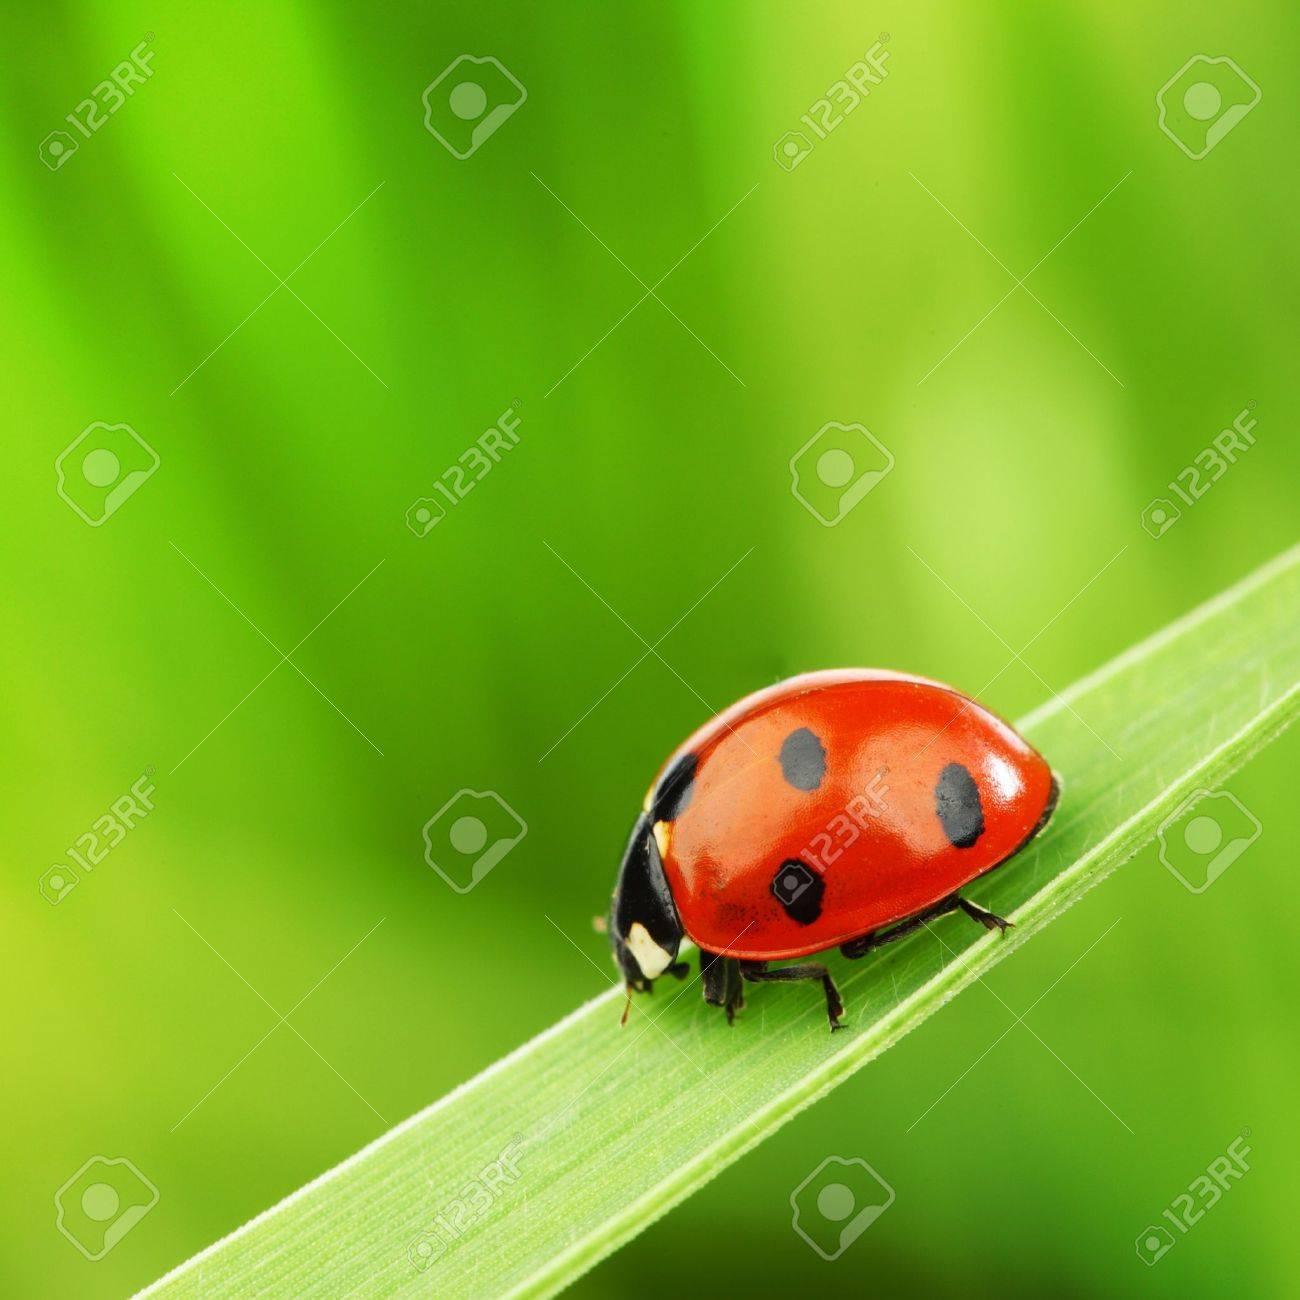 ladybug on grass nature background - 8743974